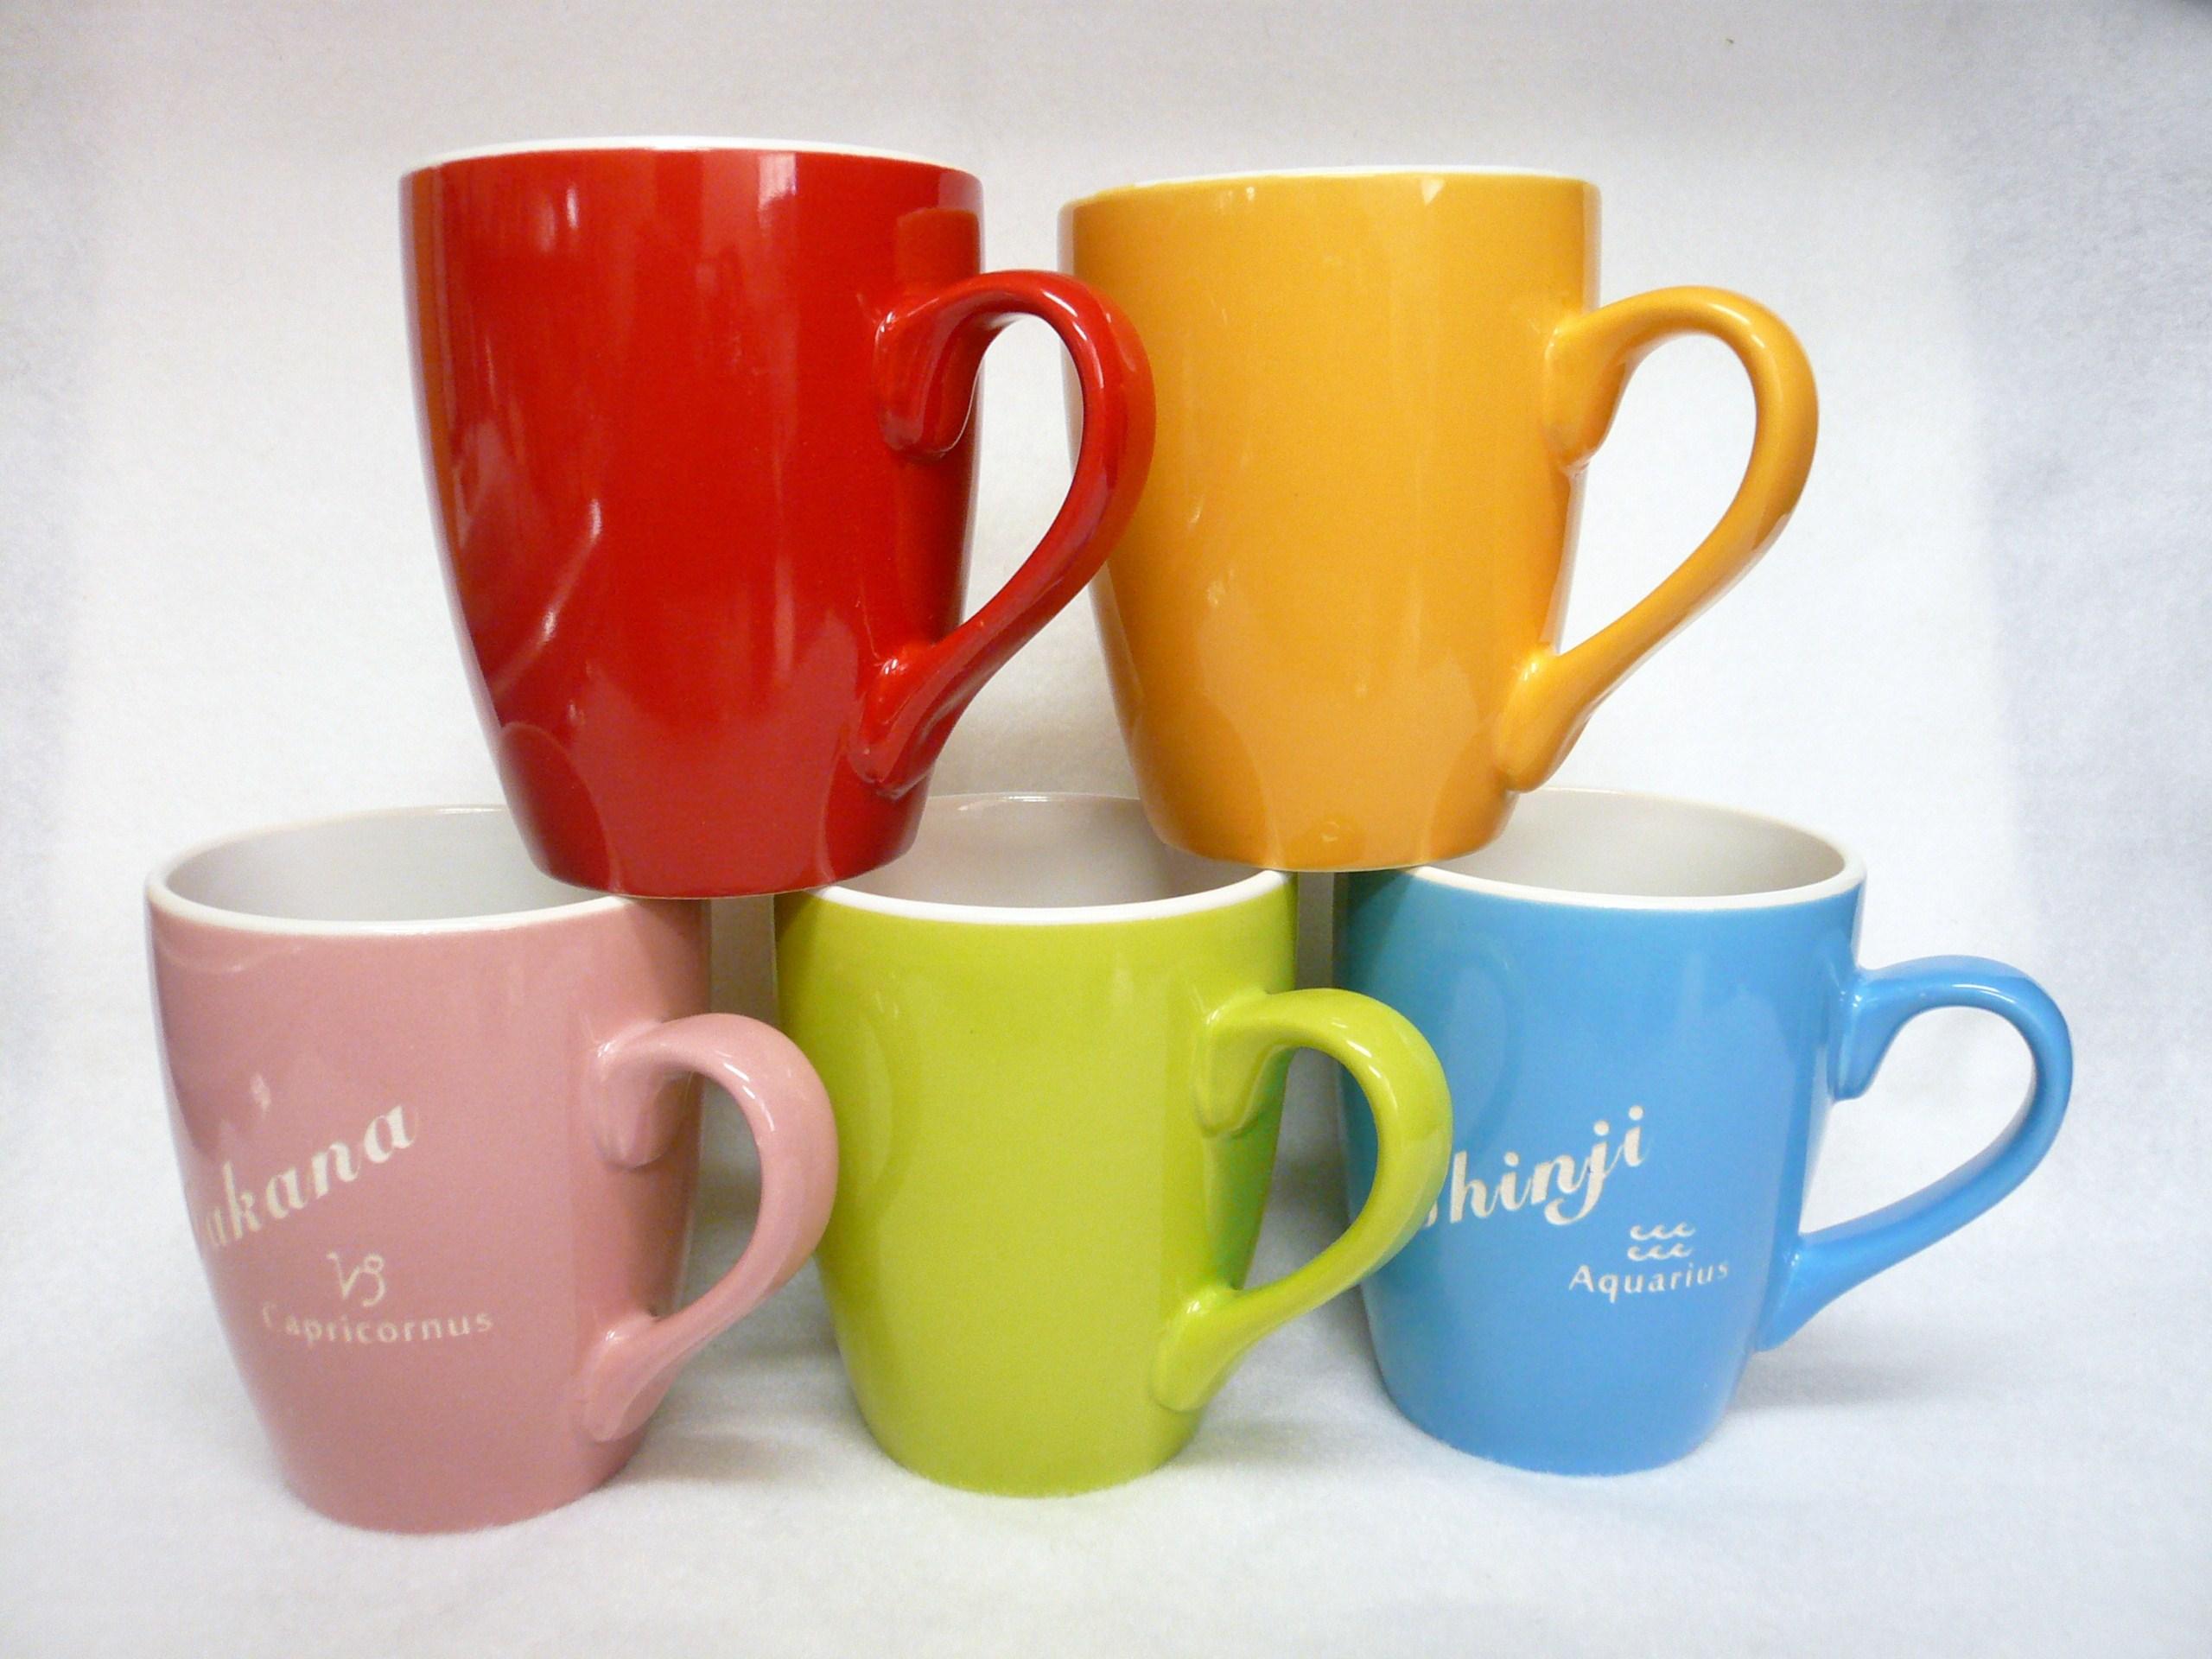 インテリアにも◎毎日がもっと楽しくなるマグカップの使い方!のサムネイル画像